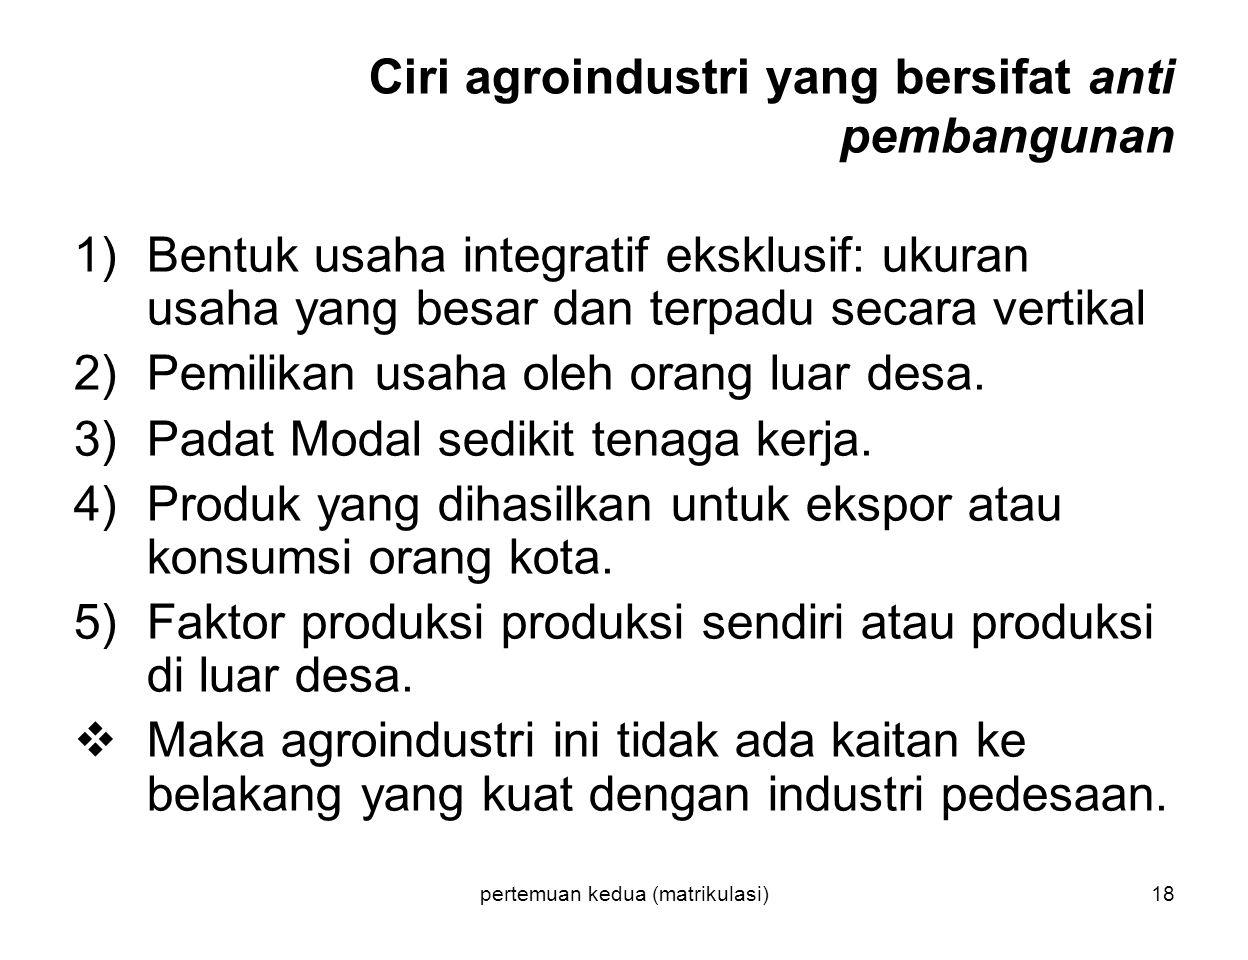 pertemuan kedua (matrikulasi)18 Ciri agroindustri yang bersifat anti pembangunan 1)Bentuk usaha integratif eksklusif: ukuran usaha yang besar dan terp